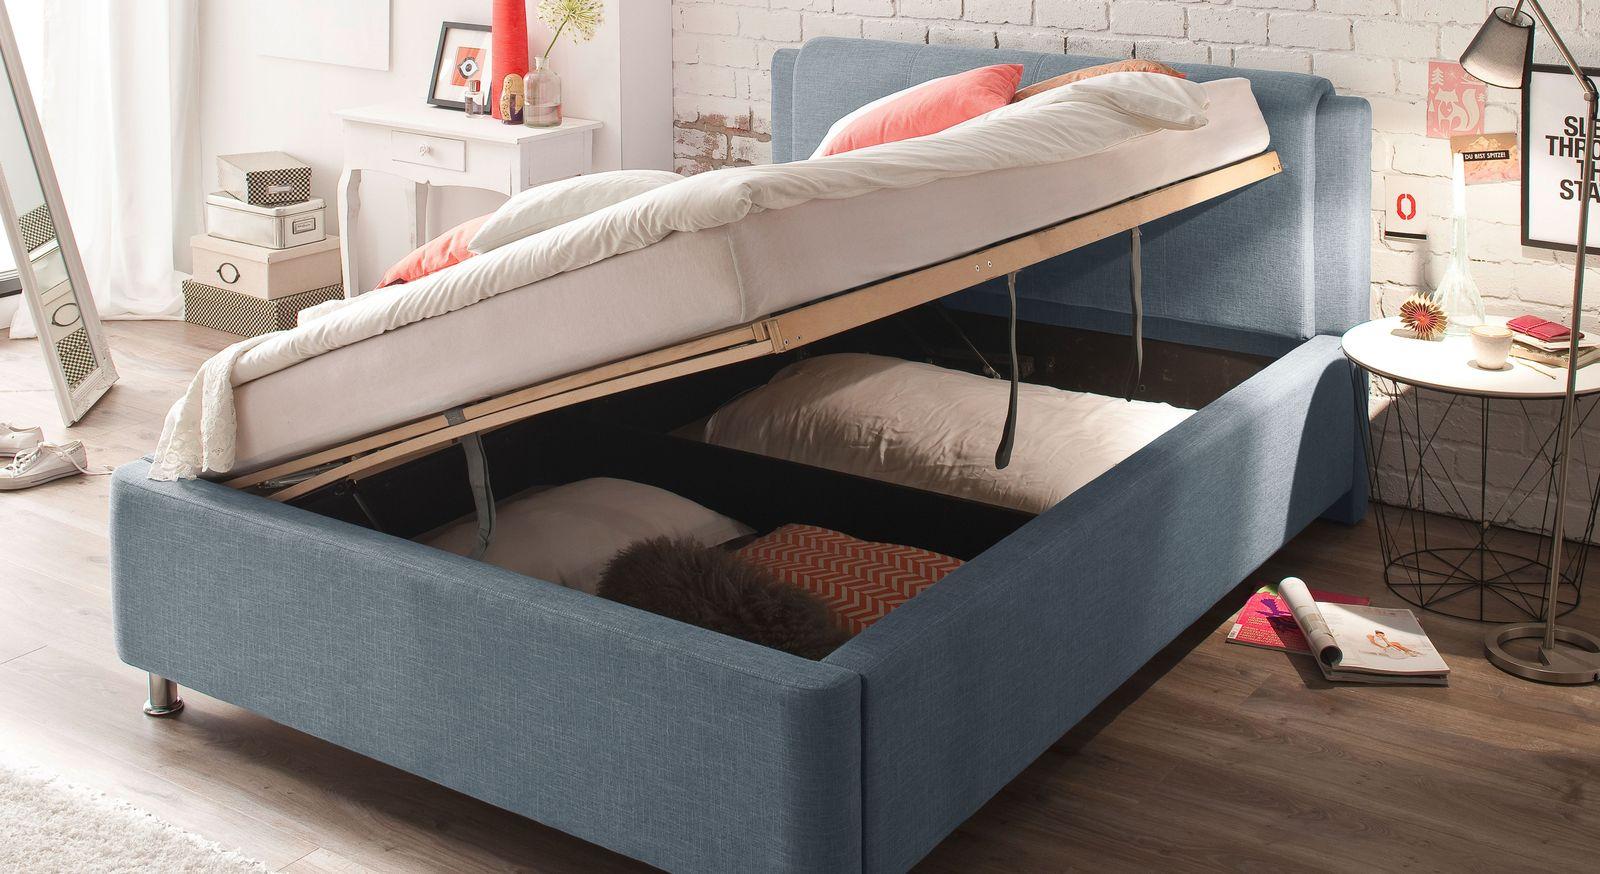 Schmales Bett La Marsa mit Bettkasten über die komplette Bettbreite